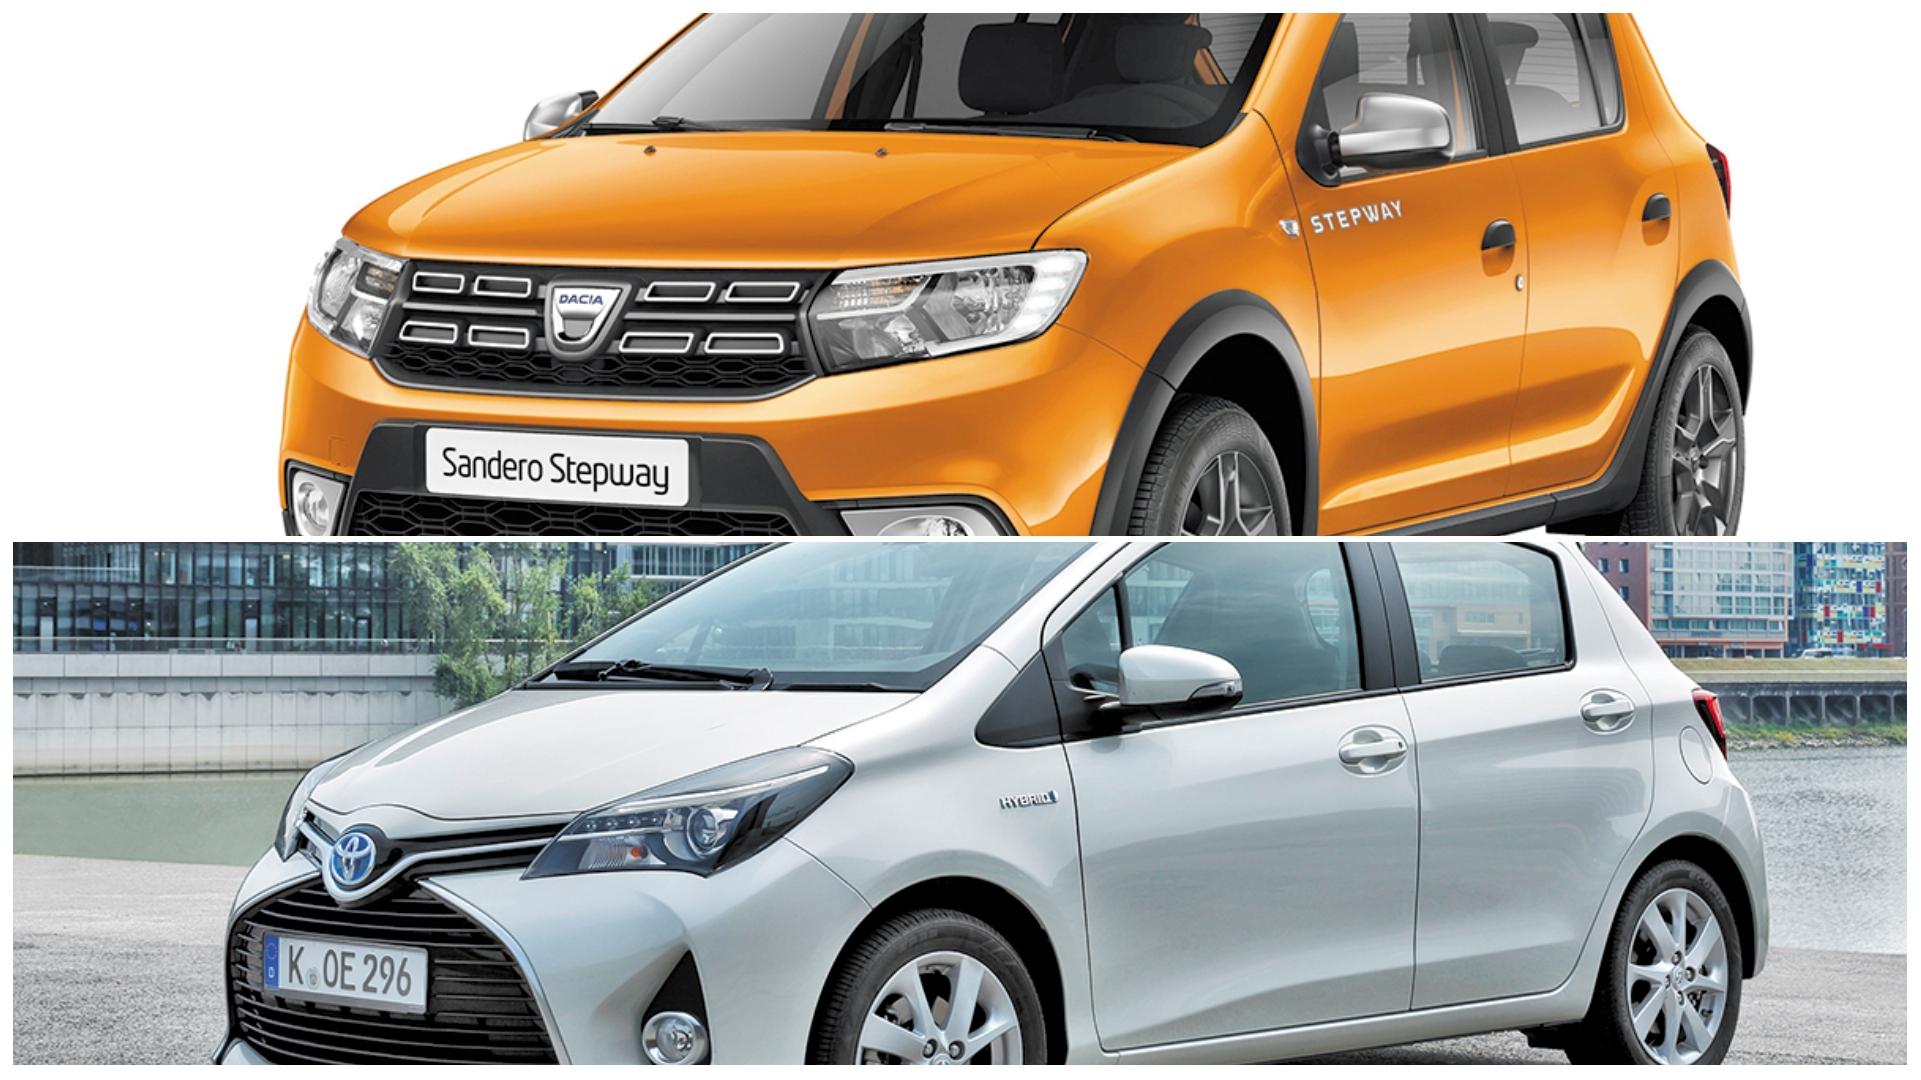 Necesito un urbano con etiqueta ECO de segunda mano: ¿compro el Dacia Sandero GLP o Toyota Yaris Hybrid?